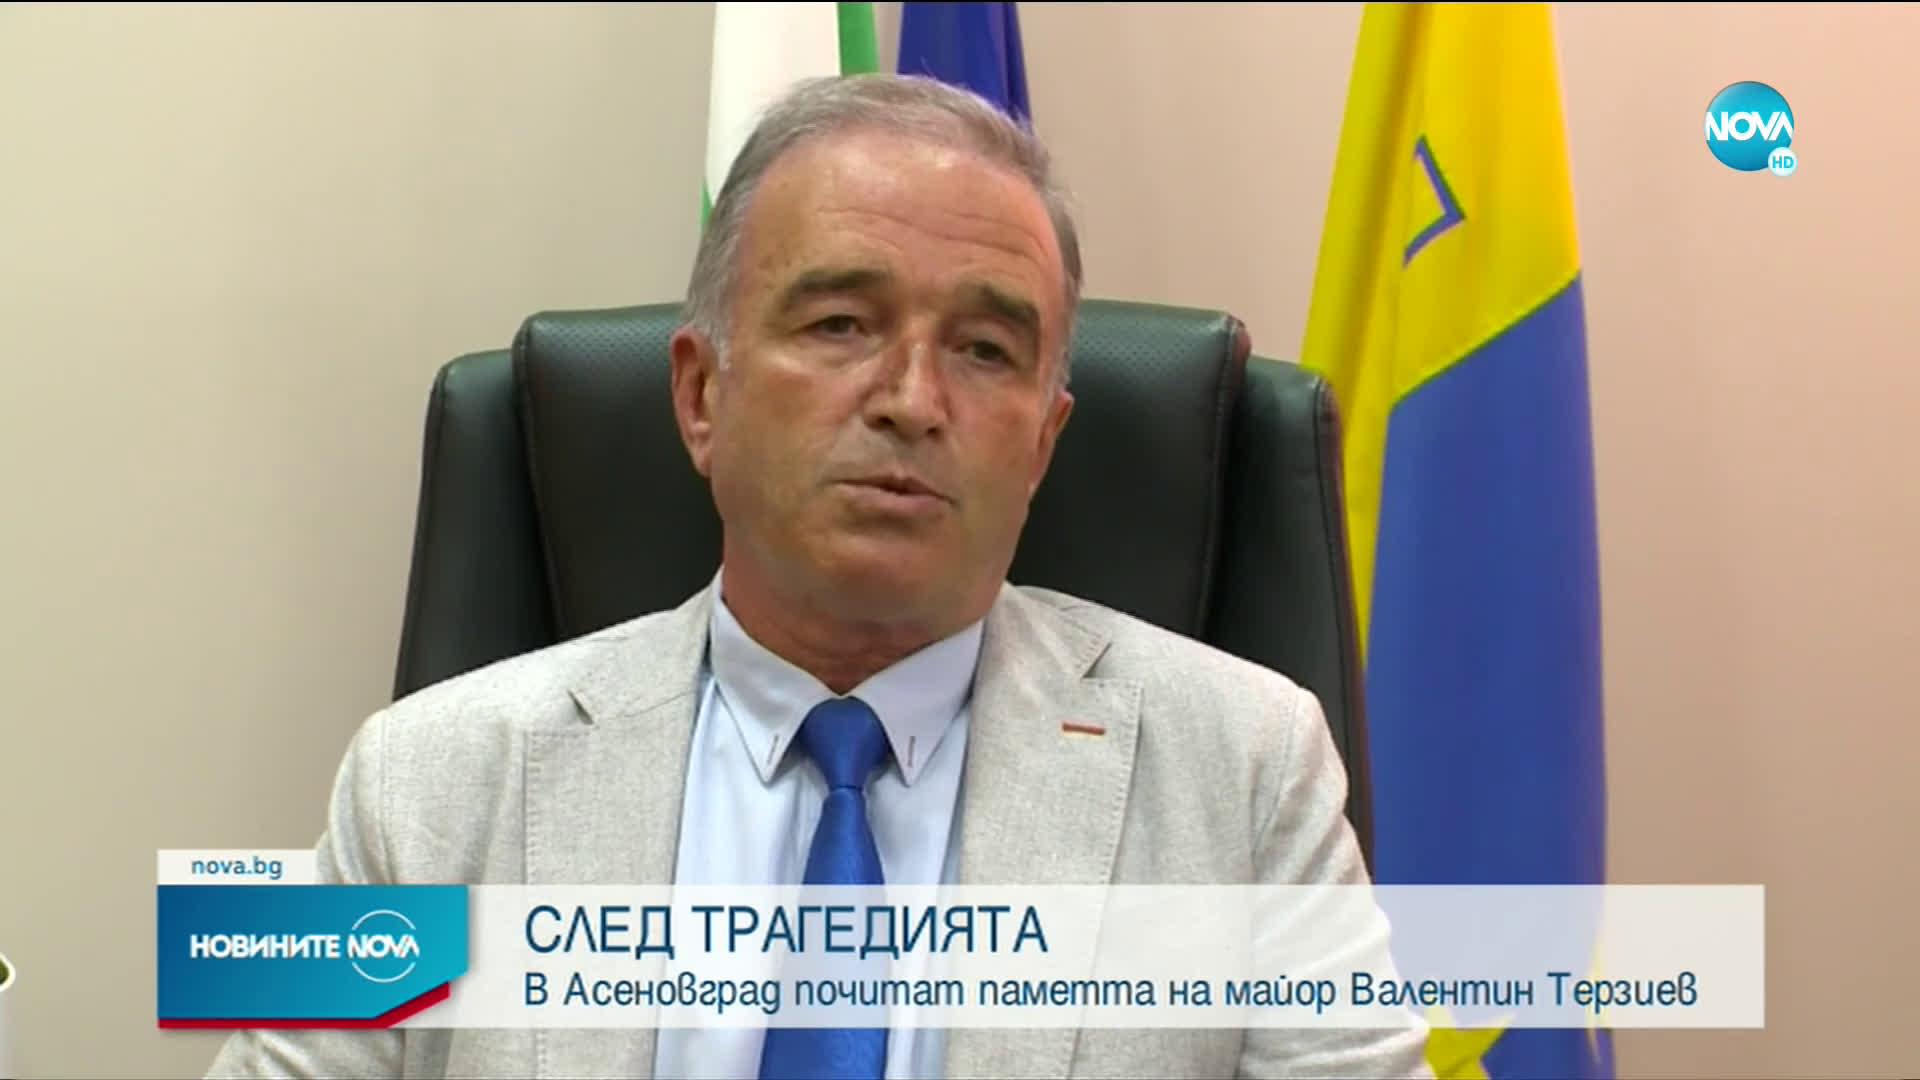 СЛЕД ТРАГЕДИЯТА: В Асеновград почитат паметта на майор Валентин Терзиев